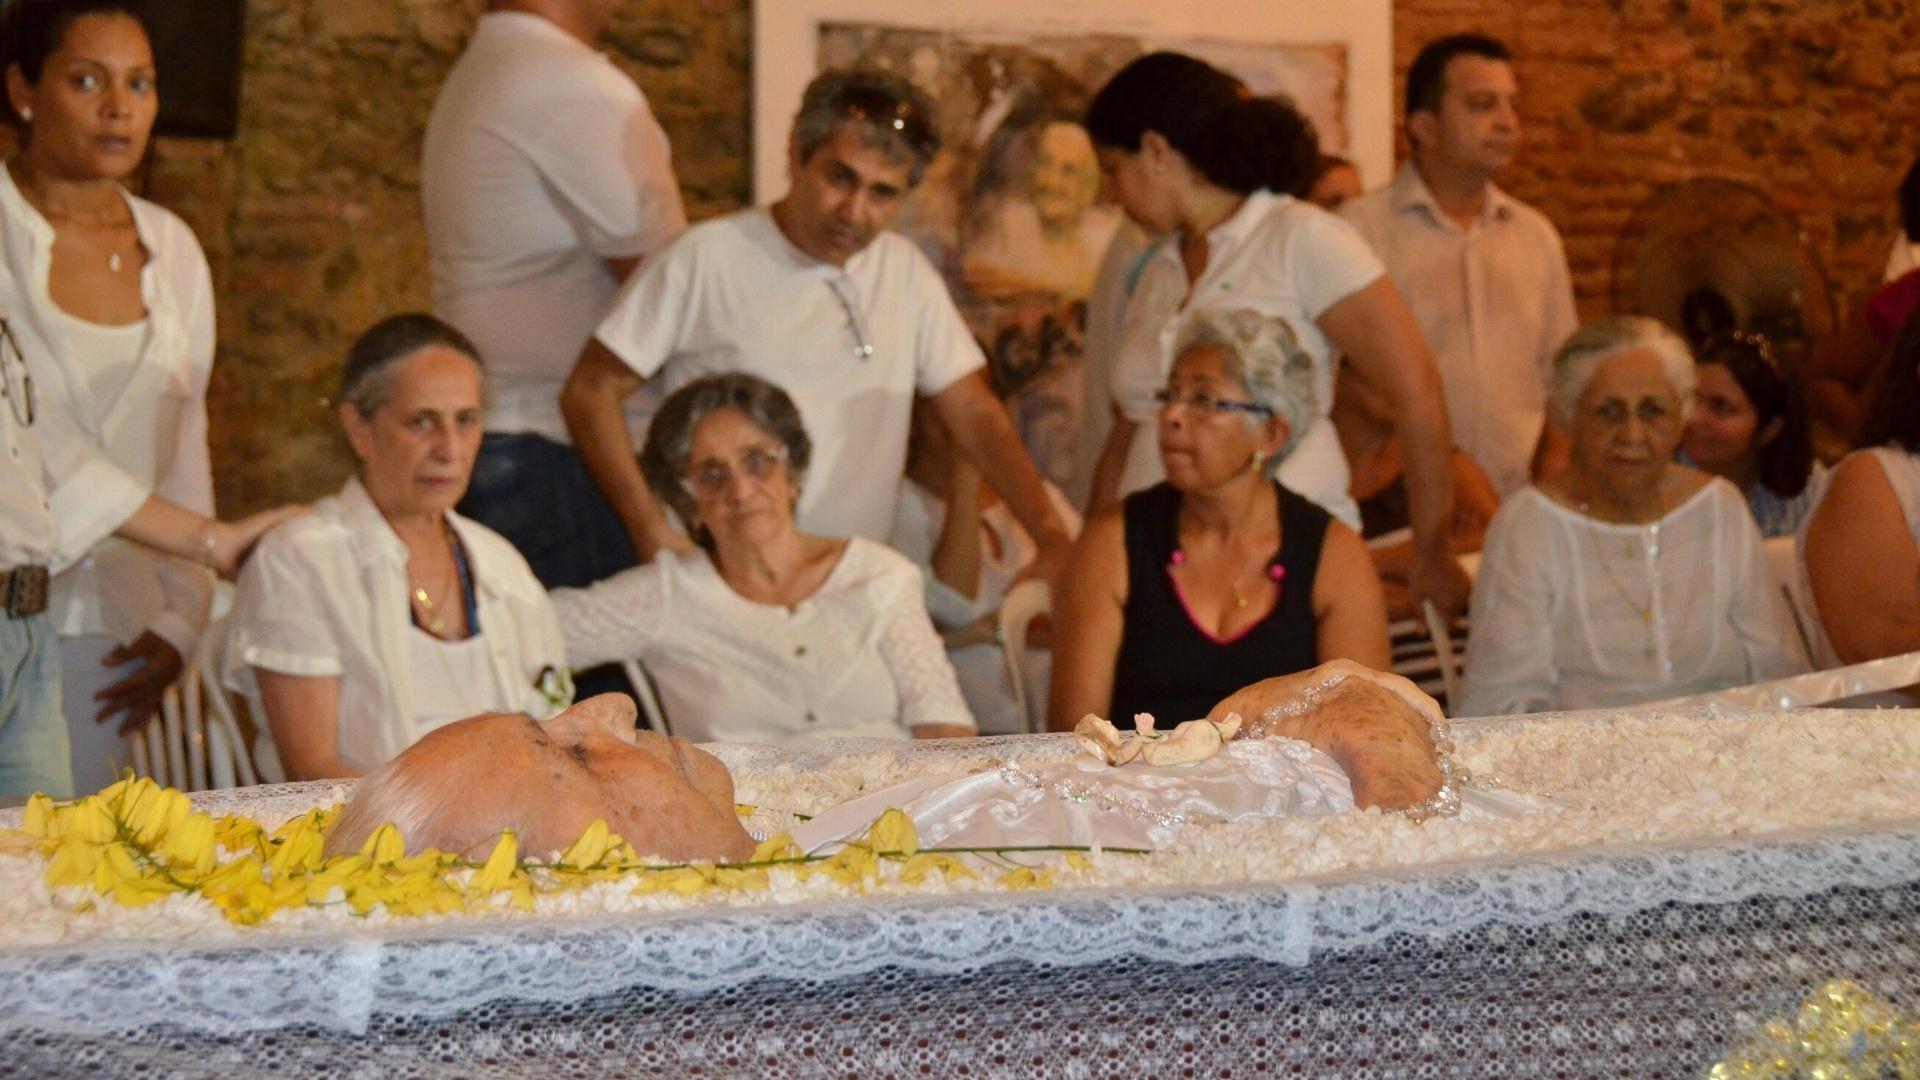 25.Dez.2012 - Maria Bethânia (à esq.) e a irmã, Clara Velloso (centro), acompanham o velório da mãe, Dona Canô, que morreu em Santo Amaro da Purificação, aos 105 anos